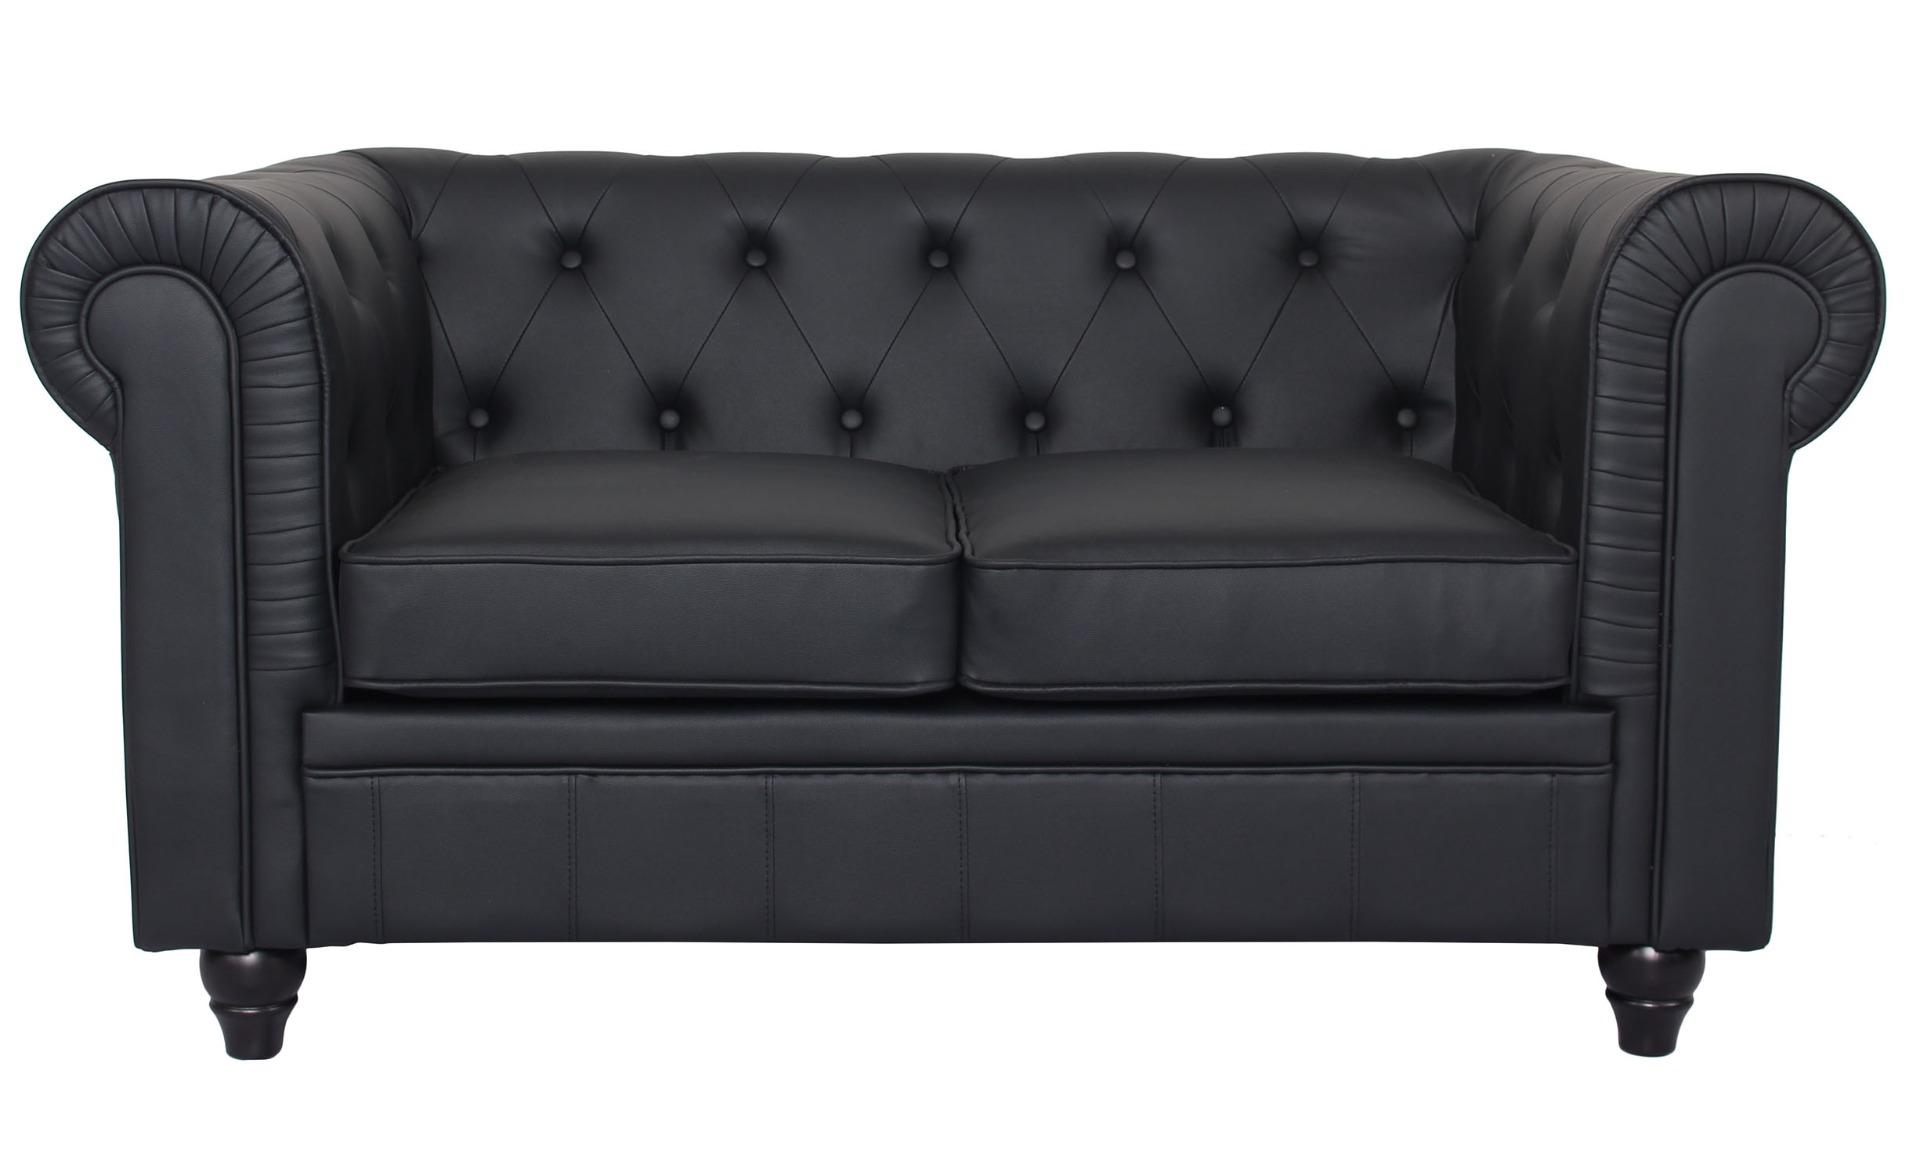 Le véritable canapé Chesterfield 2 places capitonné noir